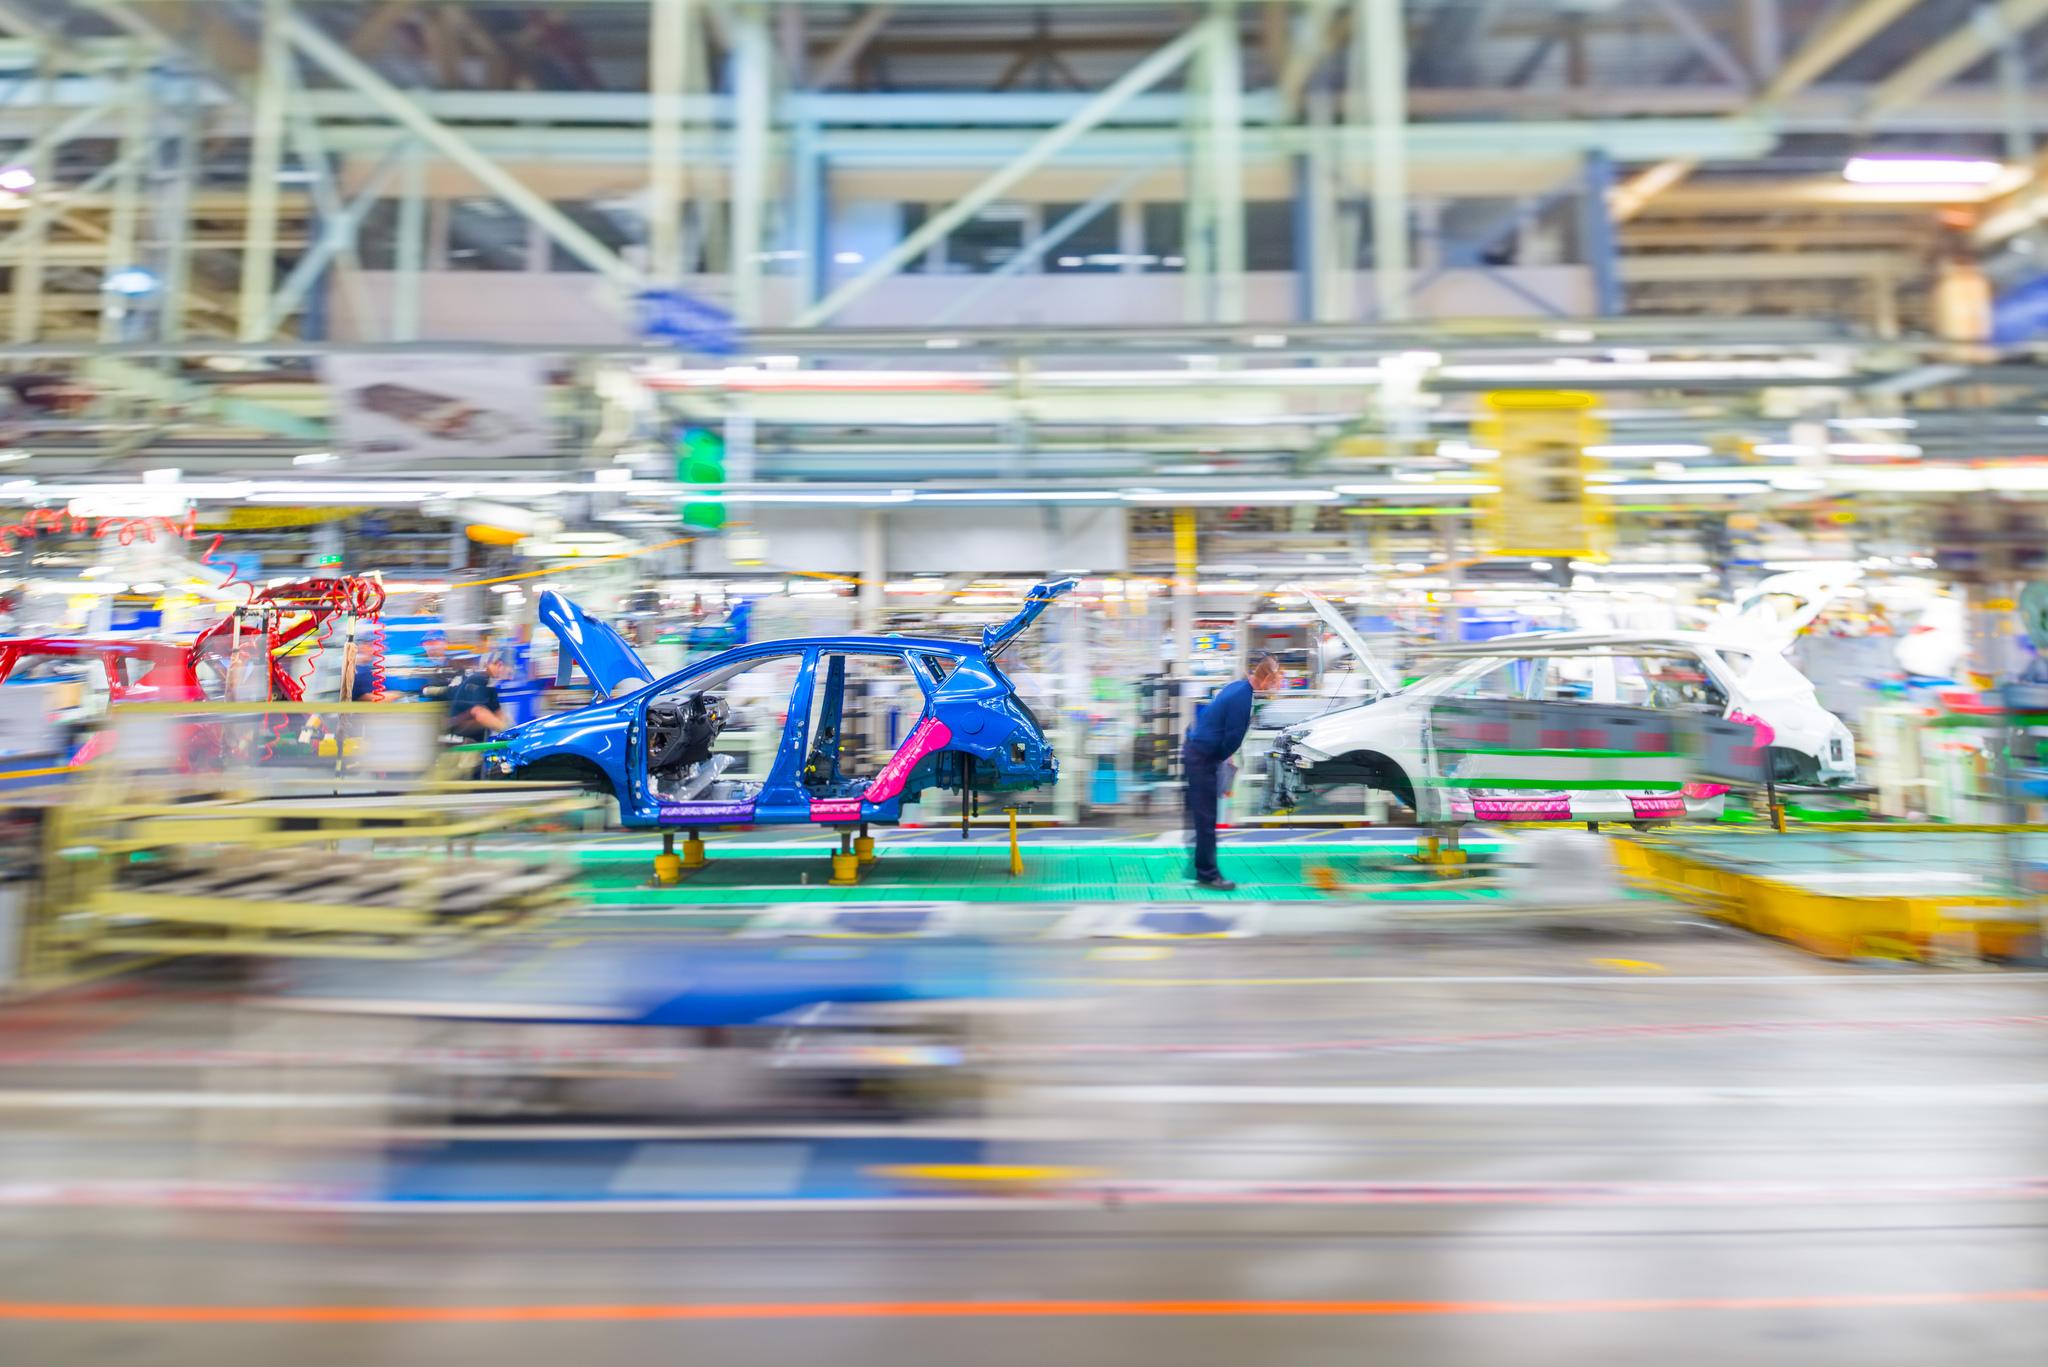 Јапонските автомобилски производители со закана дека ќе заминат од британските фабрики